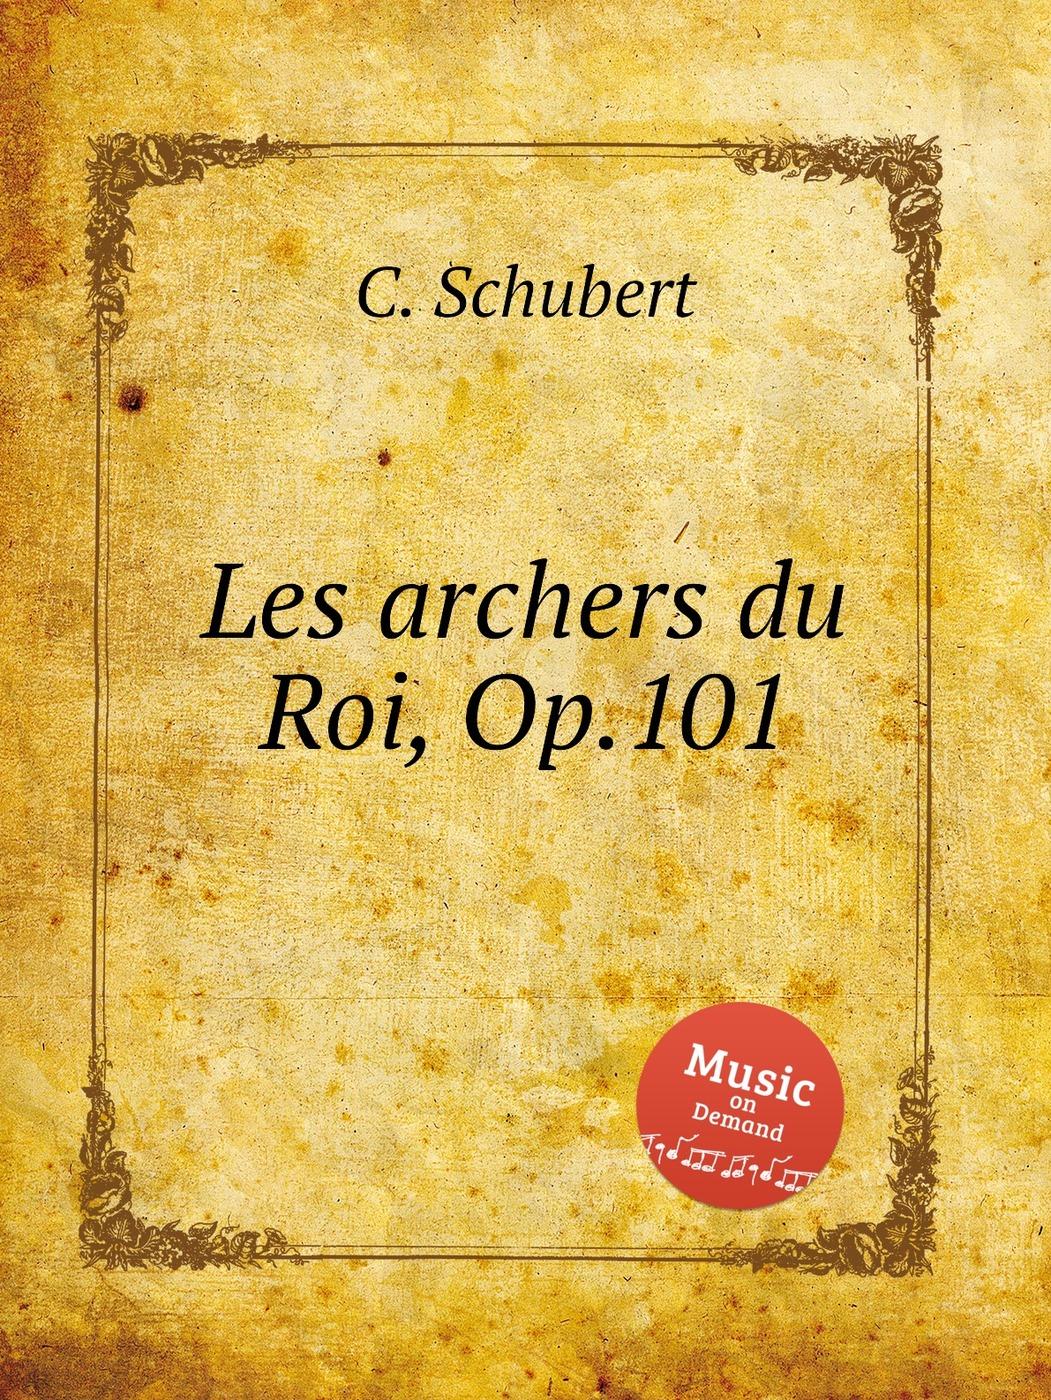 Les archers du Roi, Op.101